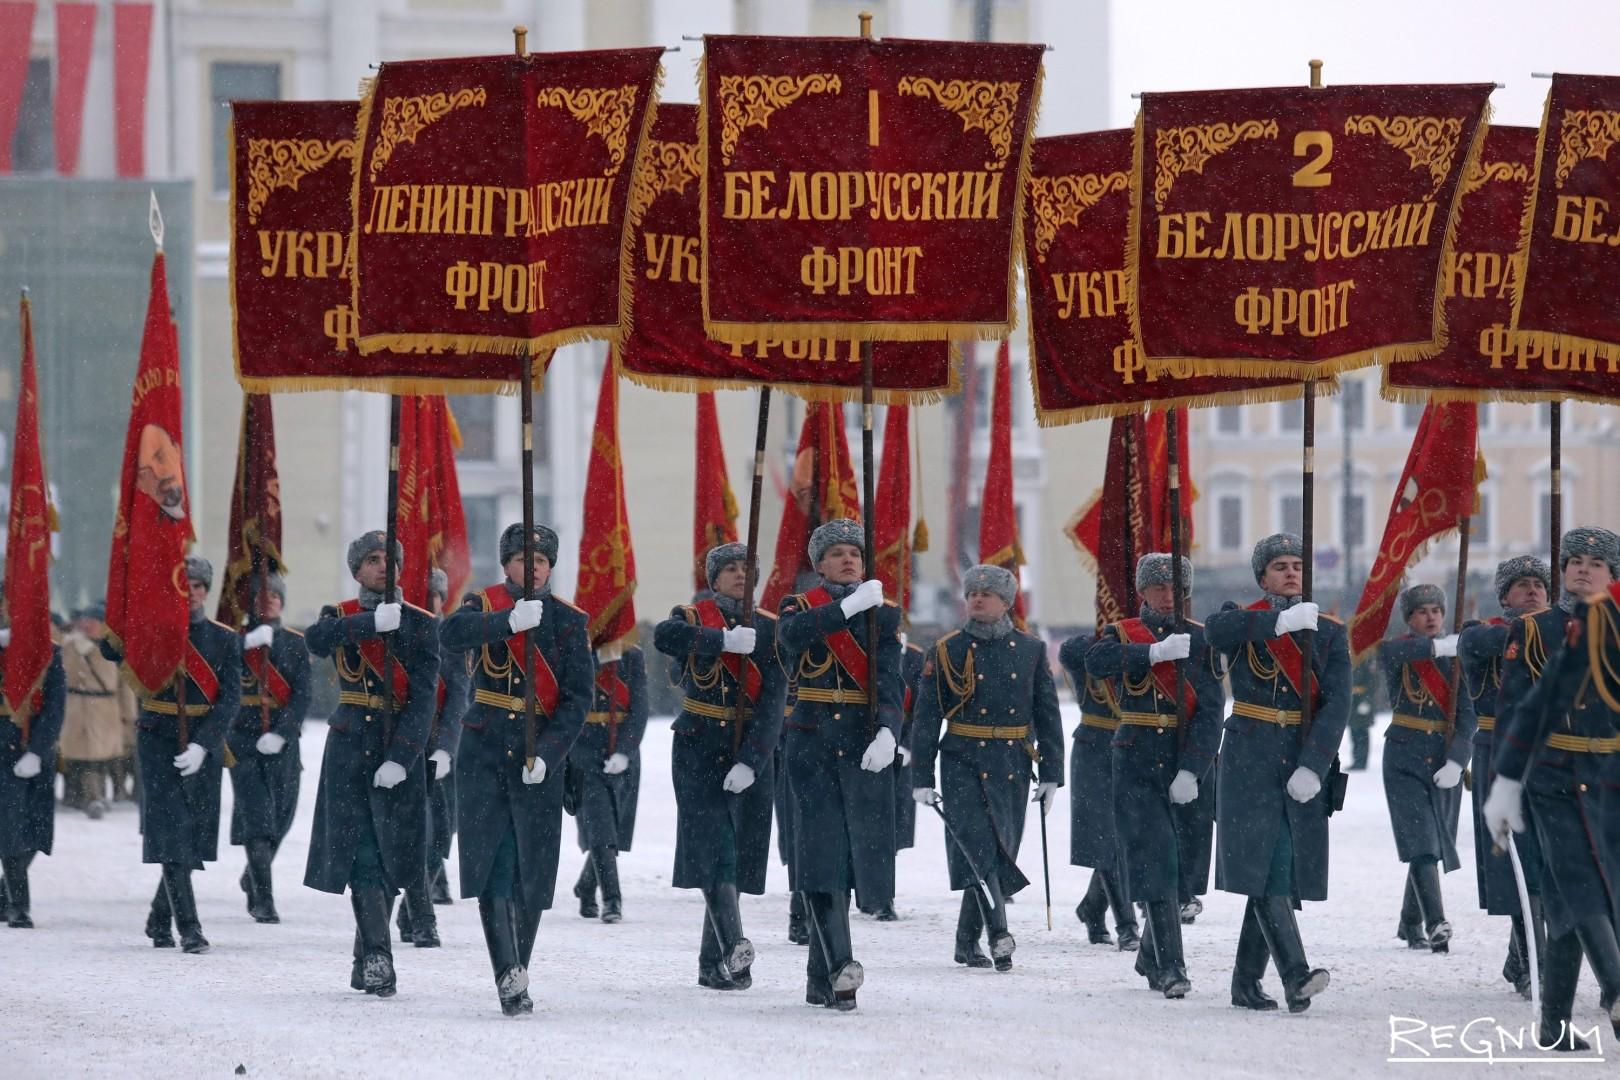 Знамена и штандарты фронтов Великой Отечественной войны на военном параде